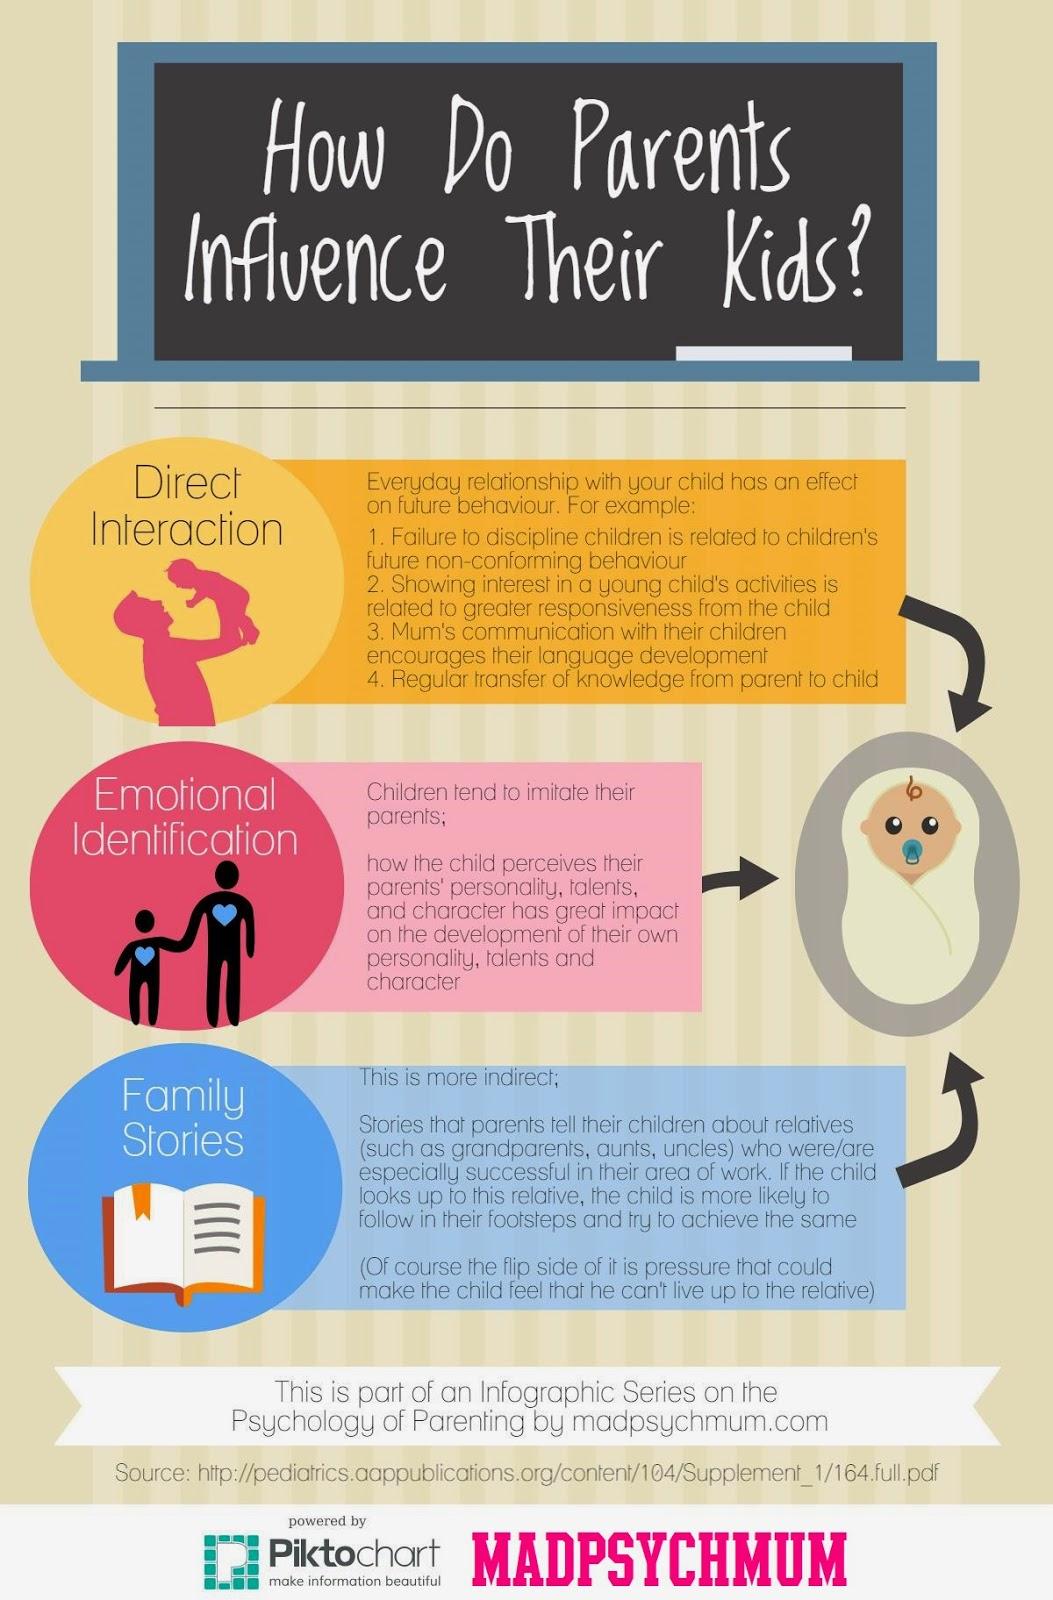 Madpsychmum Singapore Parenting Travel Blog Psych Of Parenting 1 Influence Of Parenting On Child Development